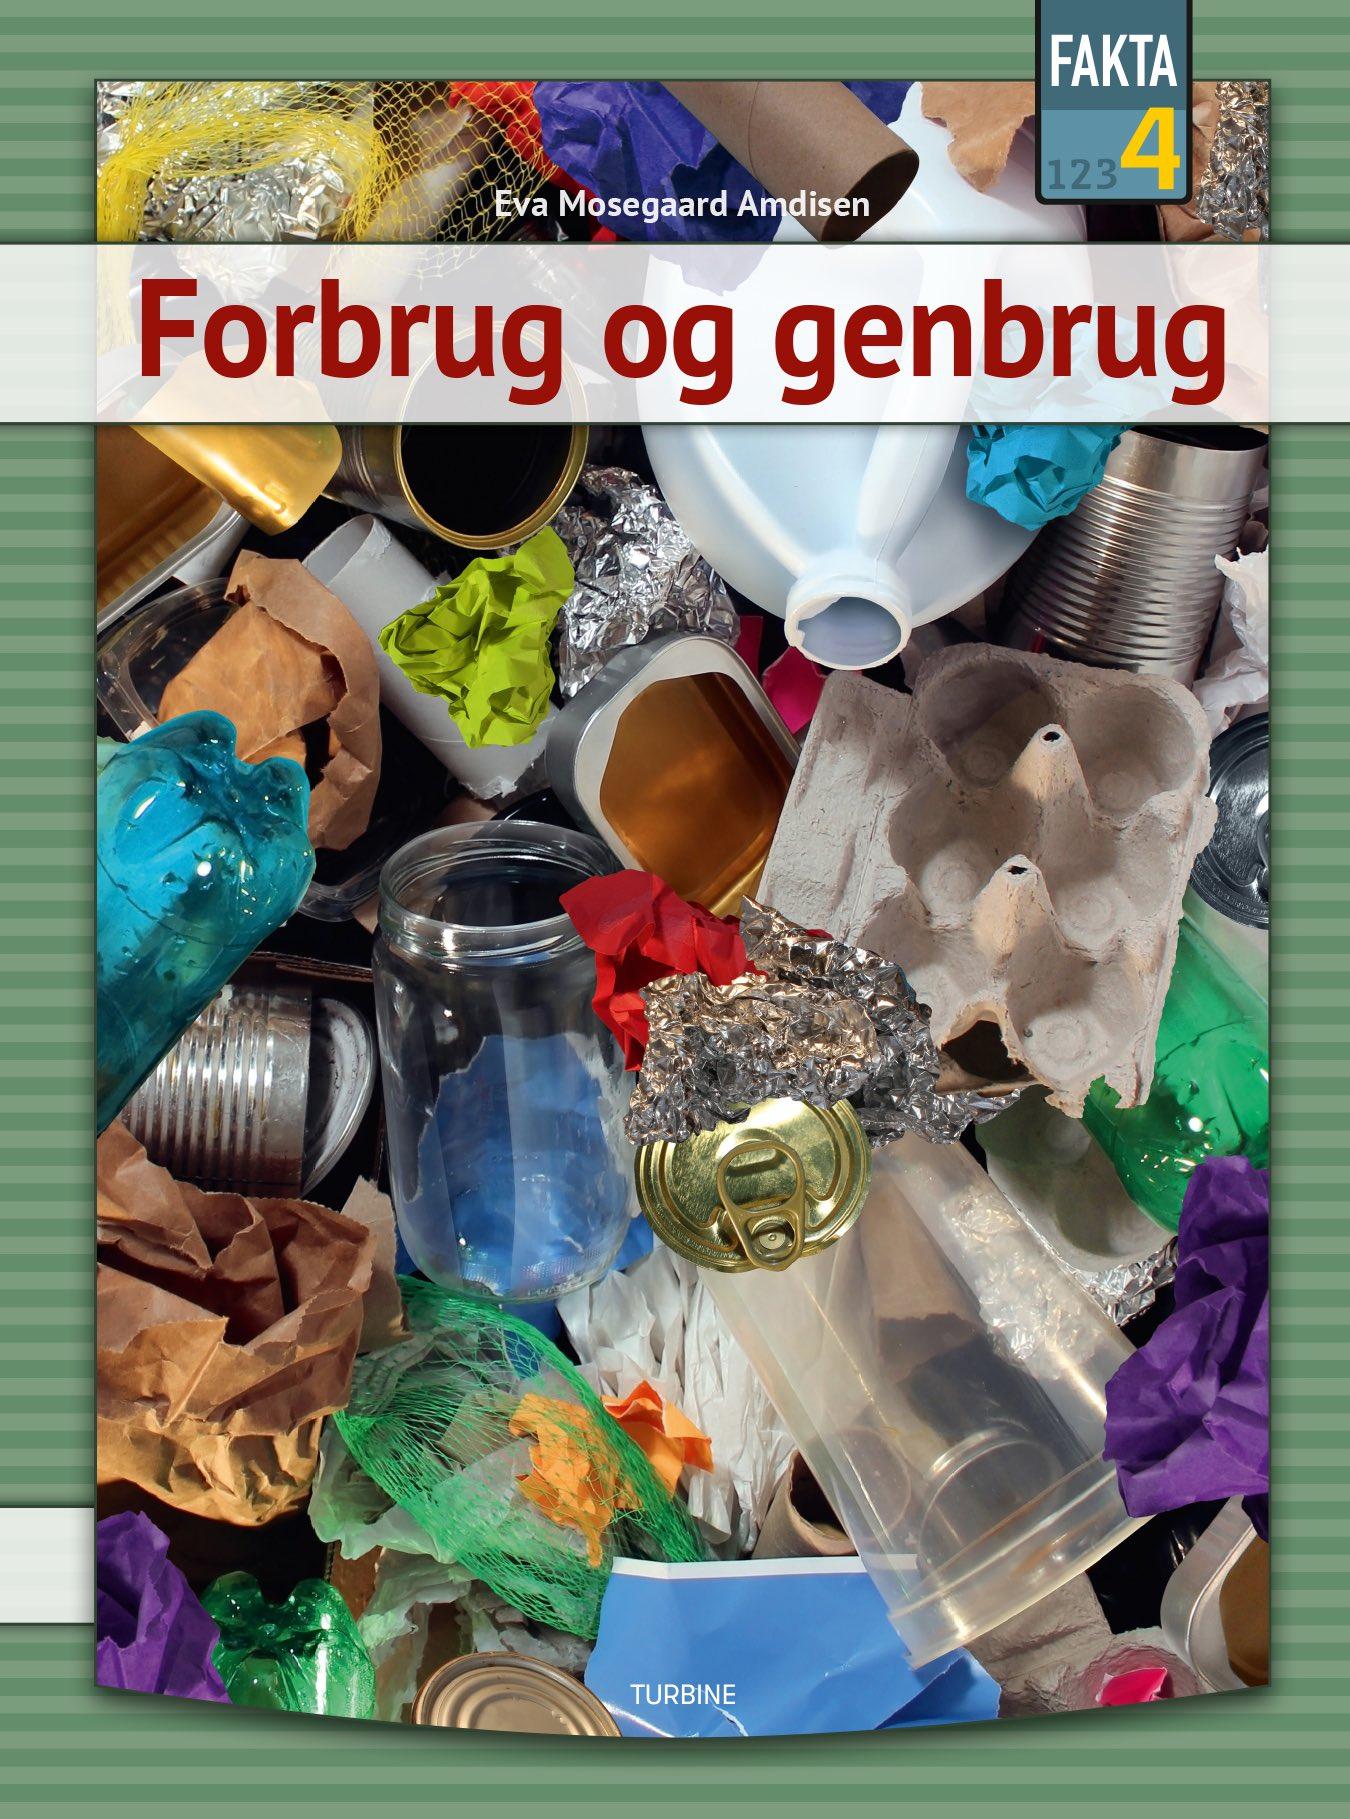 Fakta 4: Forbrug og genbrug - Eva Mosegaard Amdisen - Bøger - Turbine - 9788740662979 - 19/8-2020